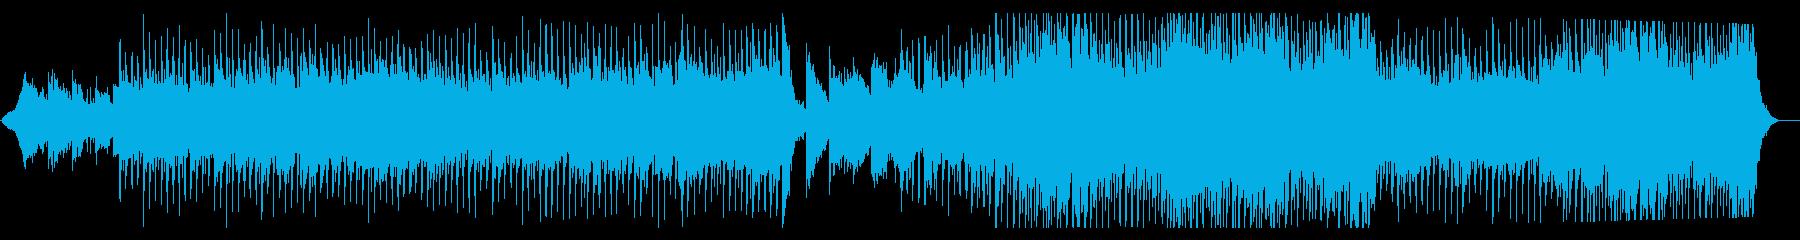 洋楽 ポジティブ 明るい ピアノ ...の再生済みの波形